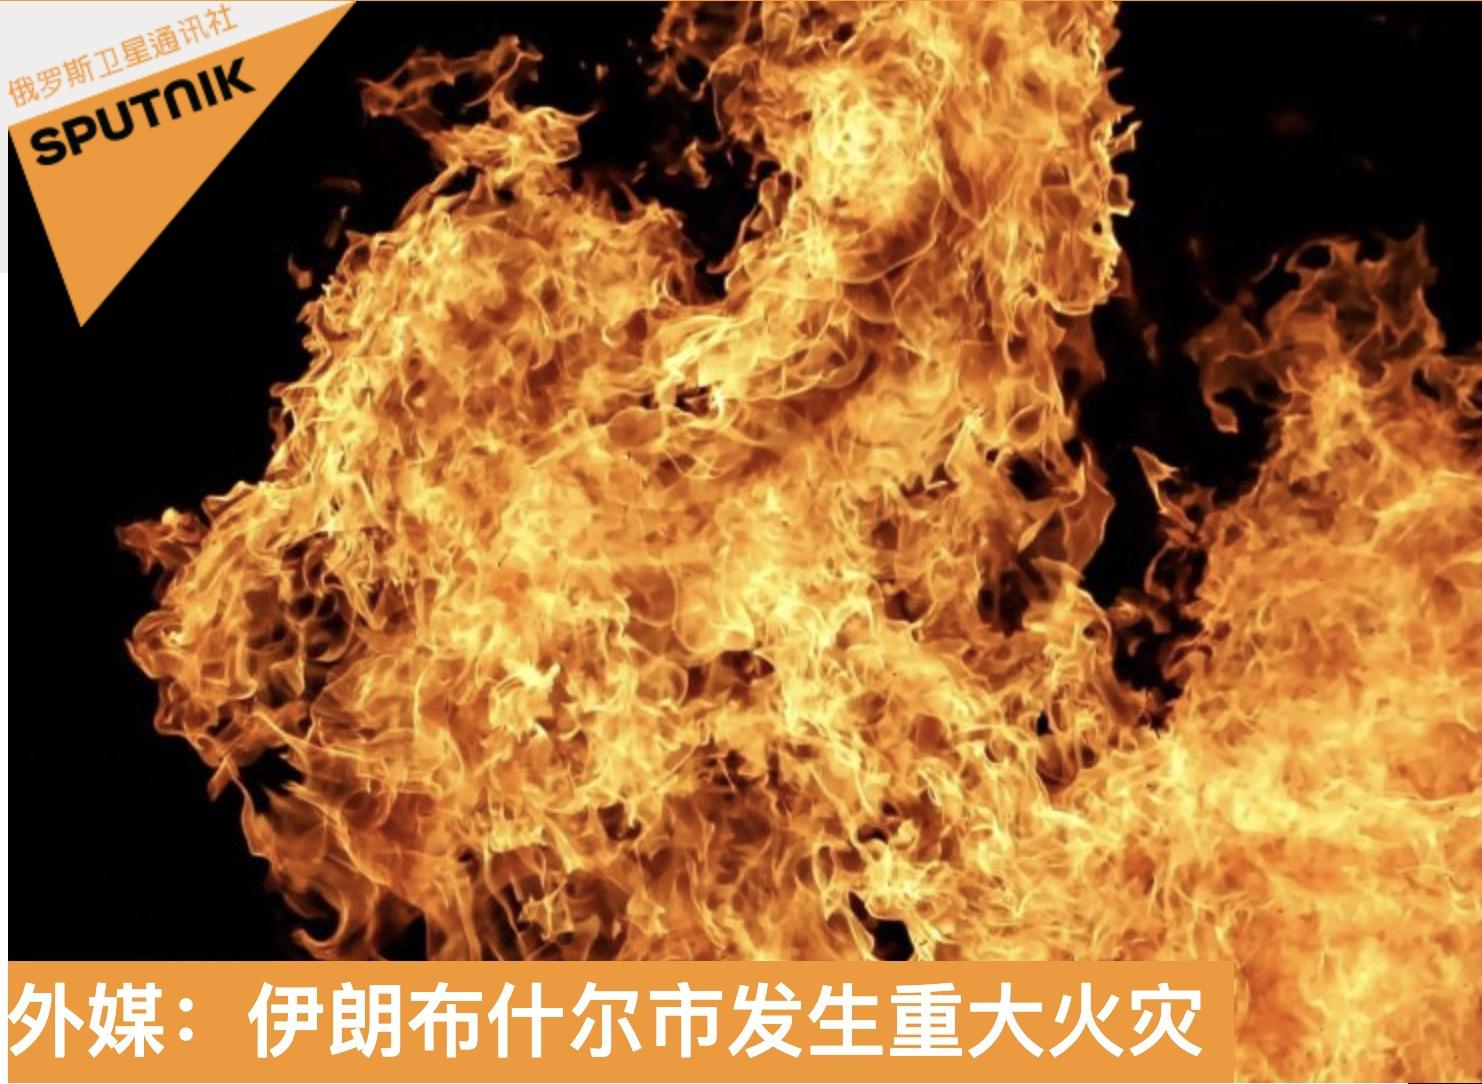 外媒:伊朗布什尔市发生严重火灾